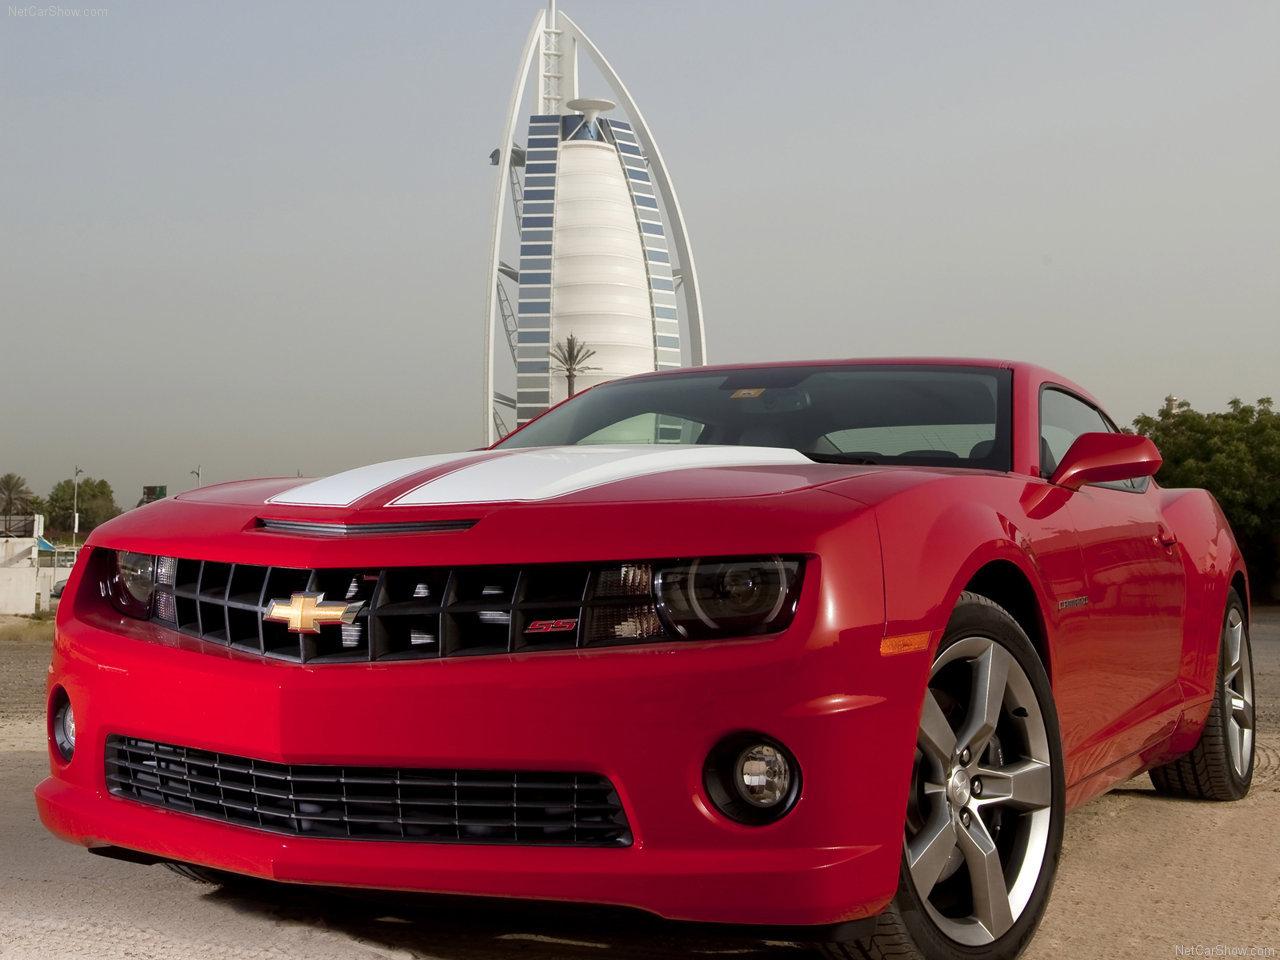 46897 скачать обои Транспорт, Машины, Шевроле (Chevrolet) - заставки и картинки бесплатно